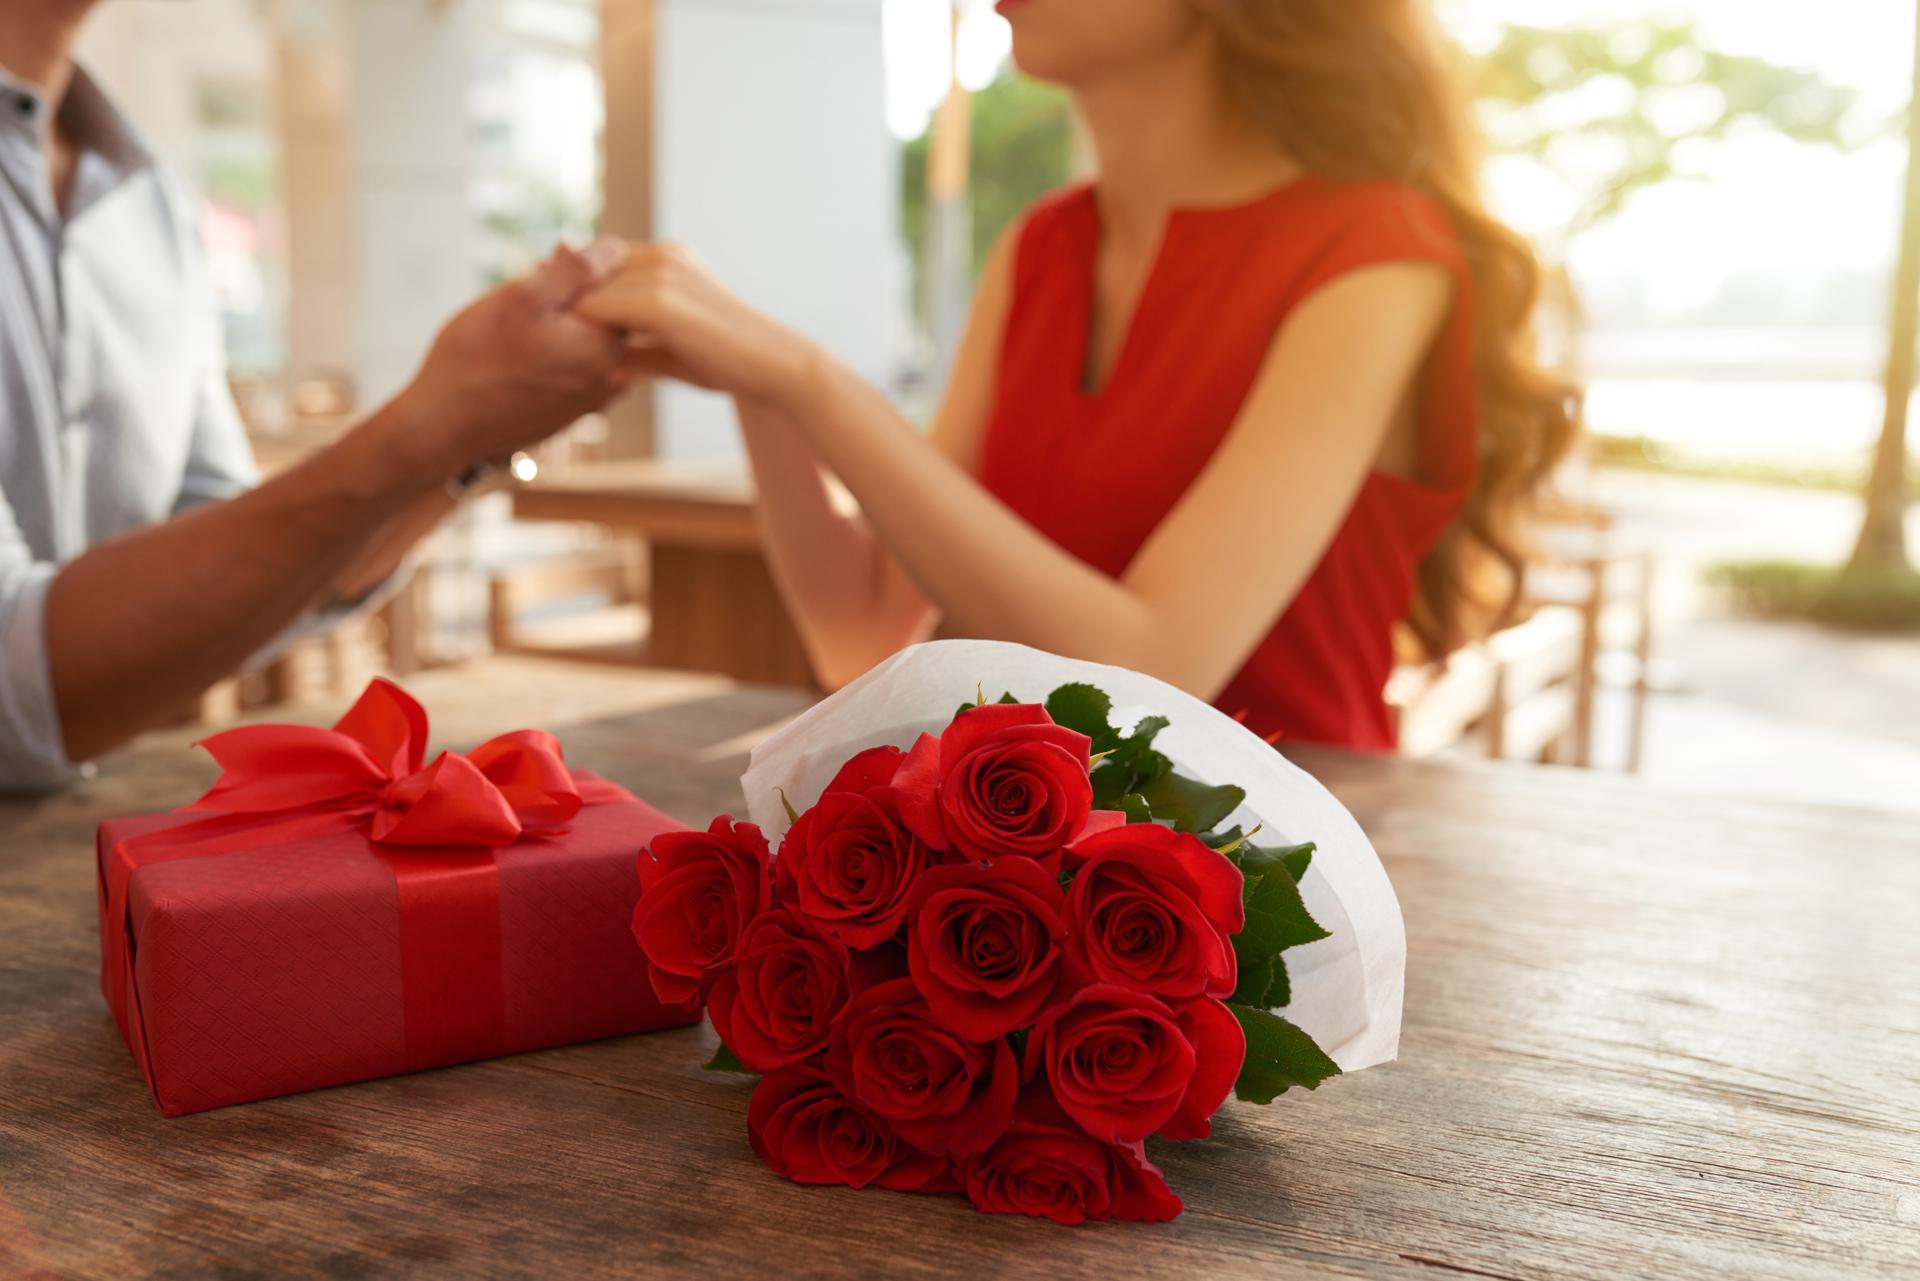 Regalar flores es hasta nuestros días un gesto universal que refleja sentimientos de amor y amistad (Getty Images)